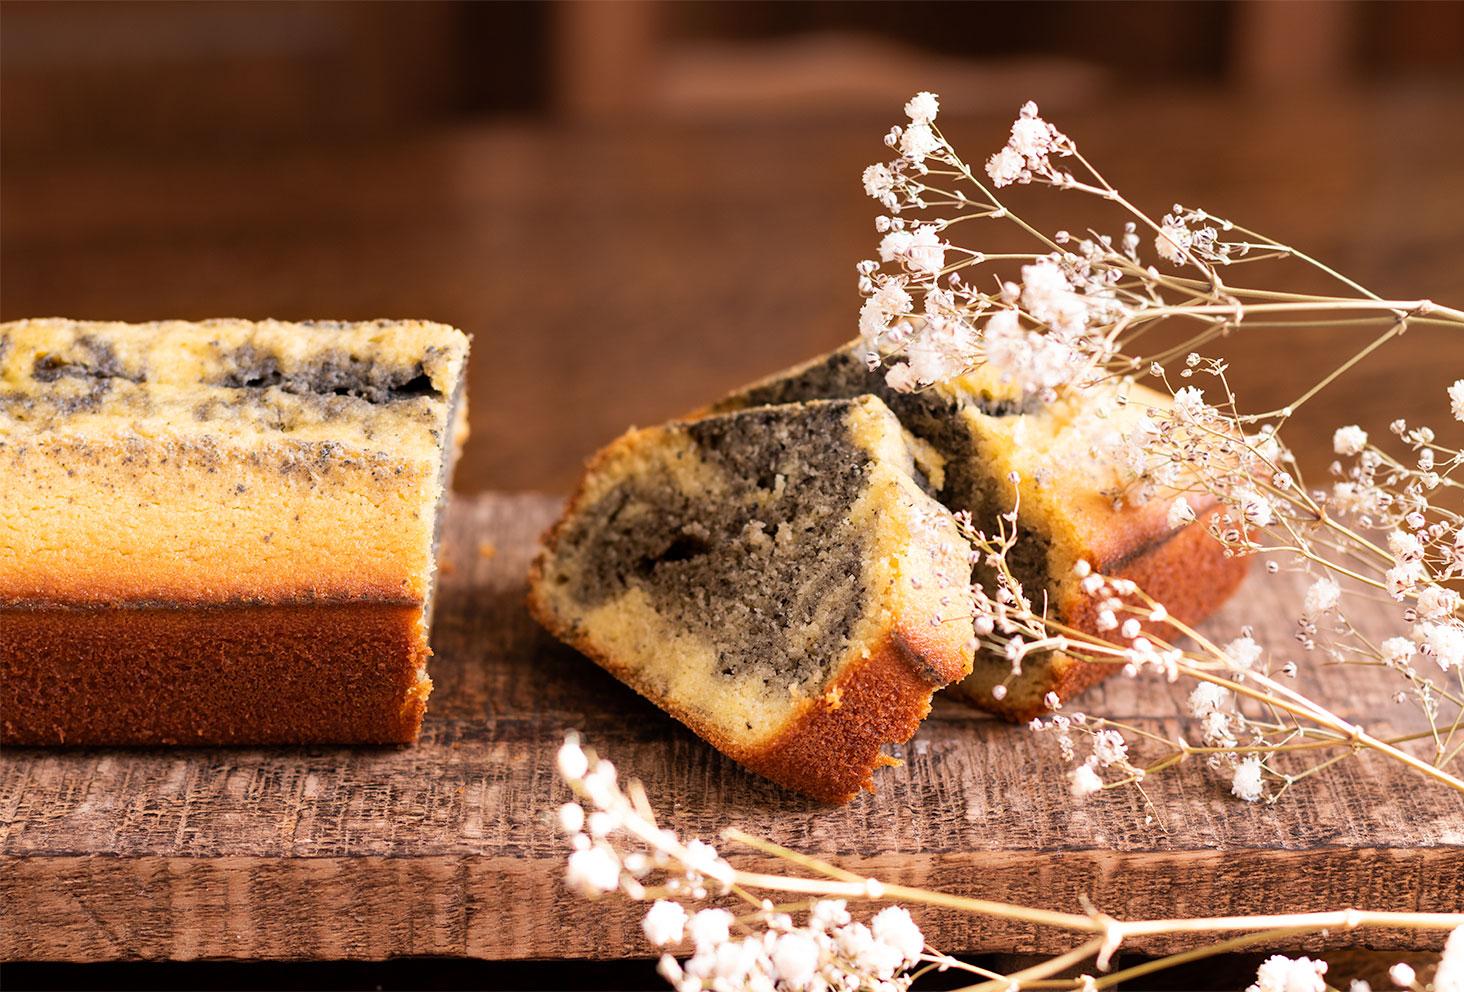 Une part de marbré à la crème de sésame noir coupée au milieu du cake, derrière un bouquet de fleurs sèches